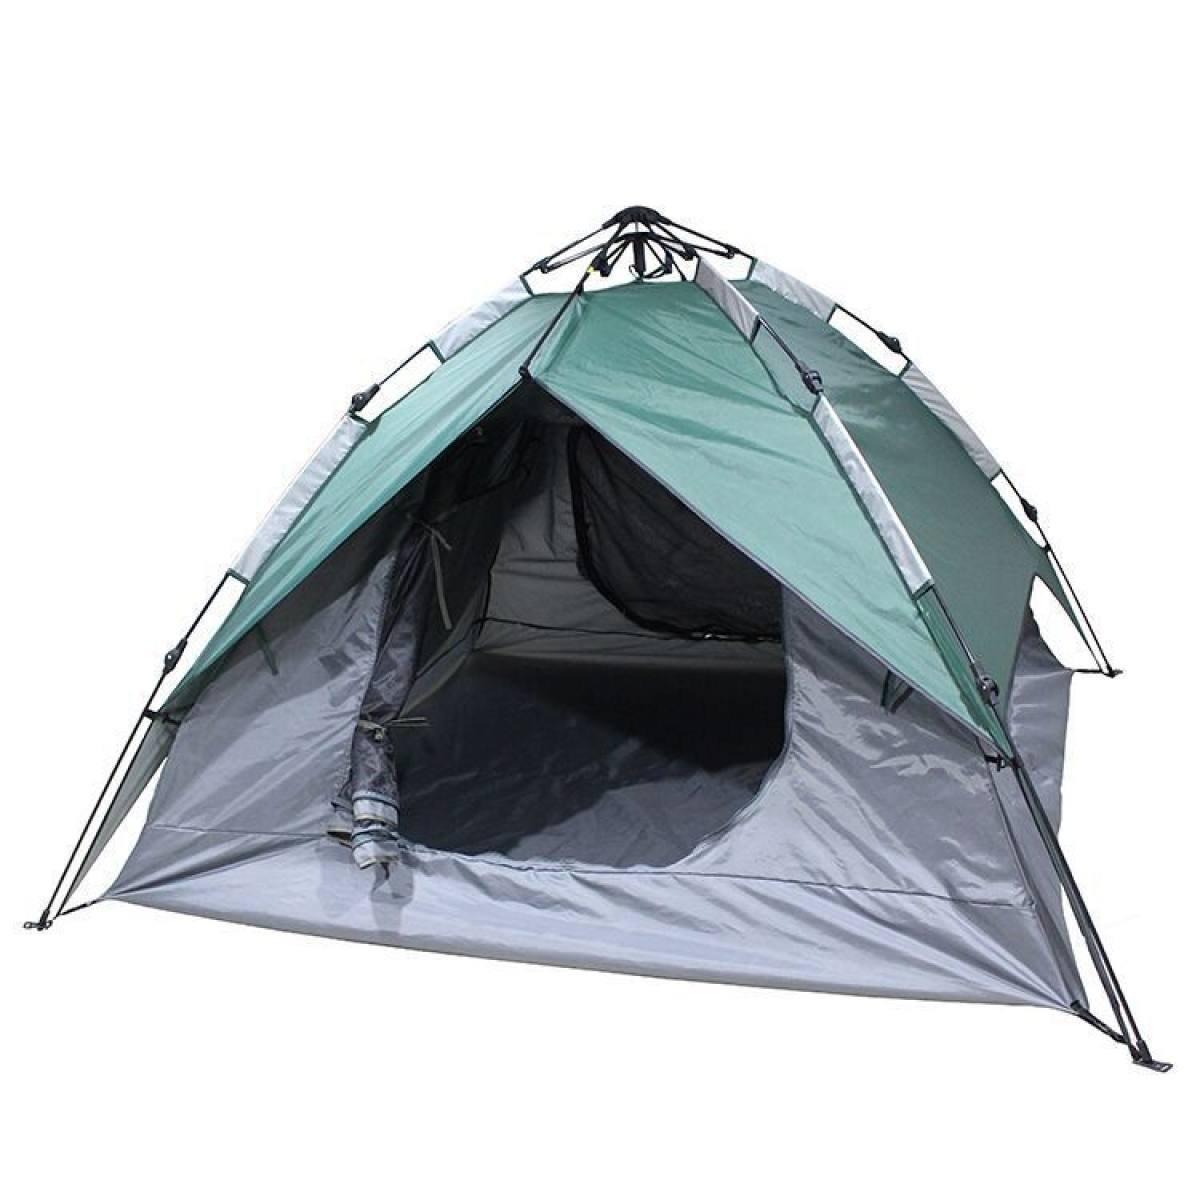 BFMEI Doppel Automatisches Hydraulisches Zelt Multi-Funktions-Outdoor-Reisen Camping-Zelte,215x215x135cm-Grün